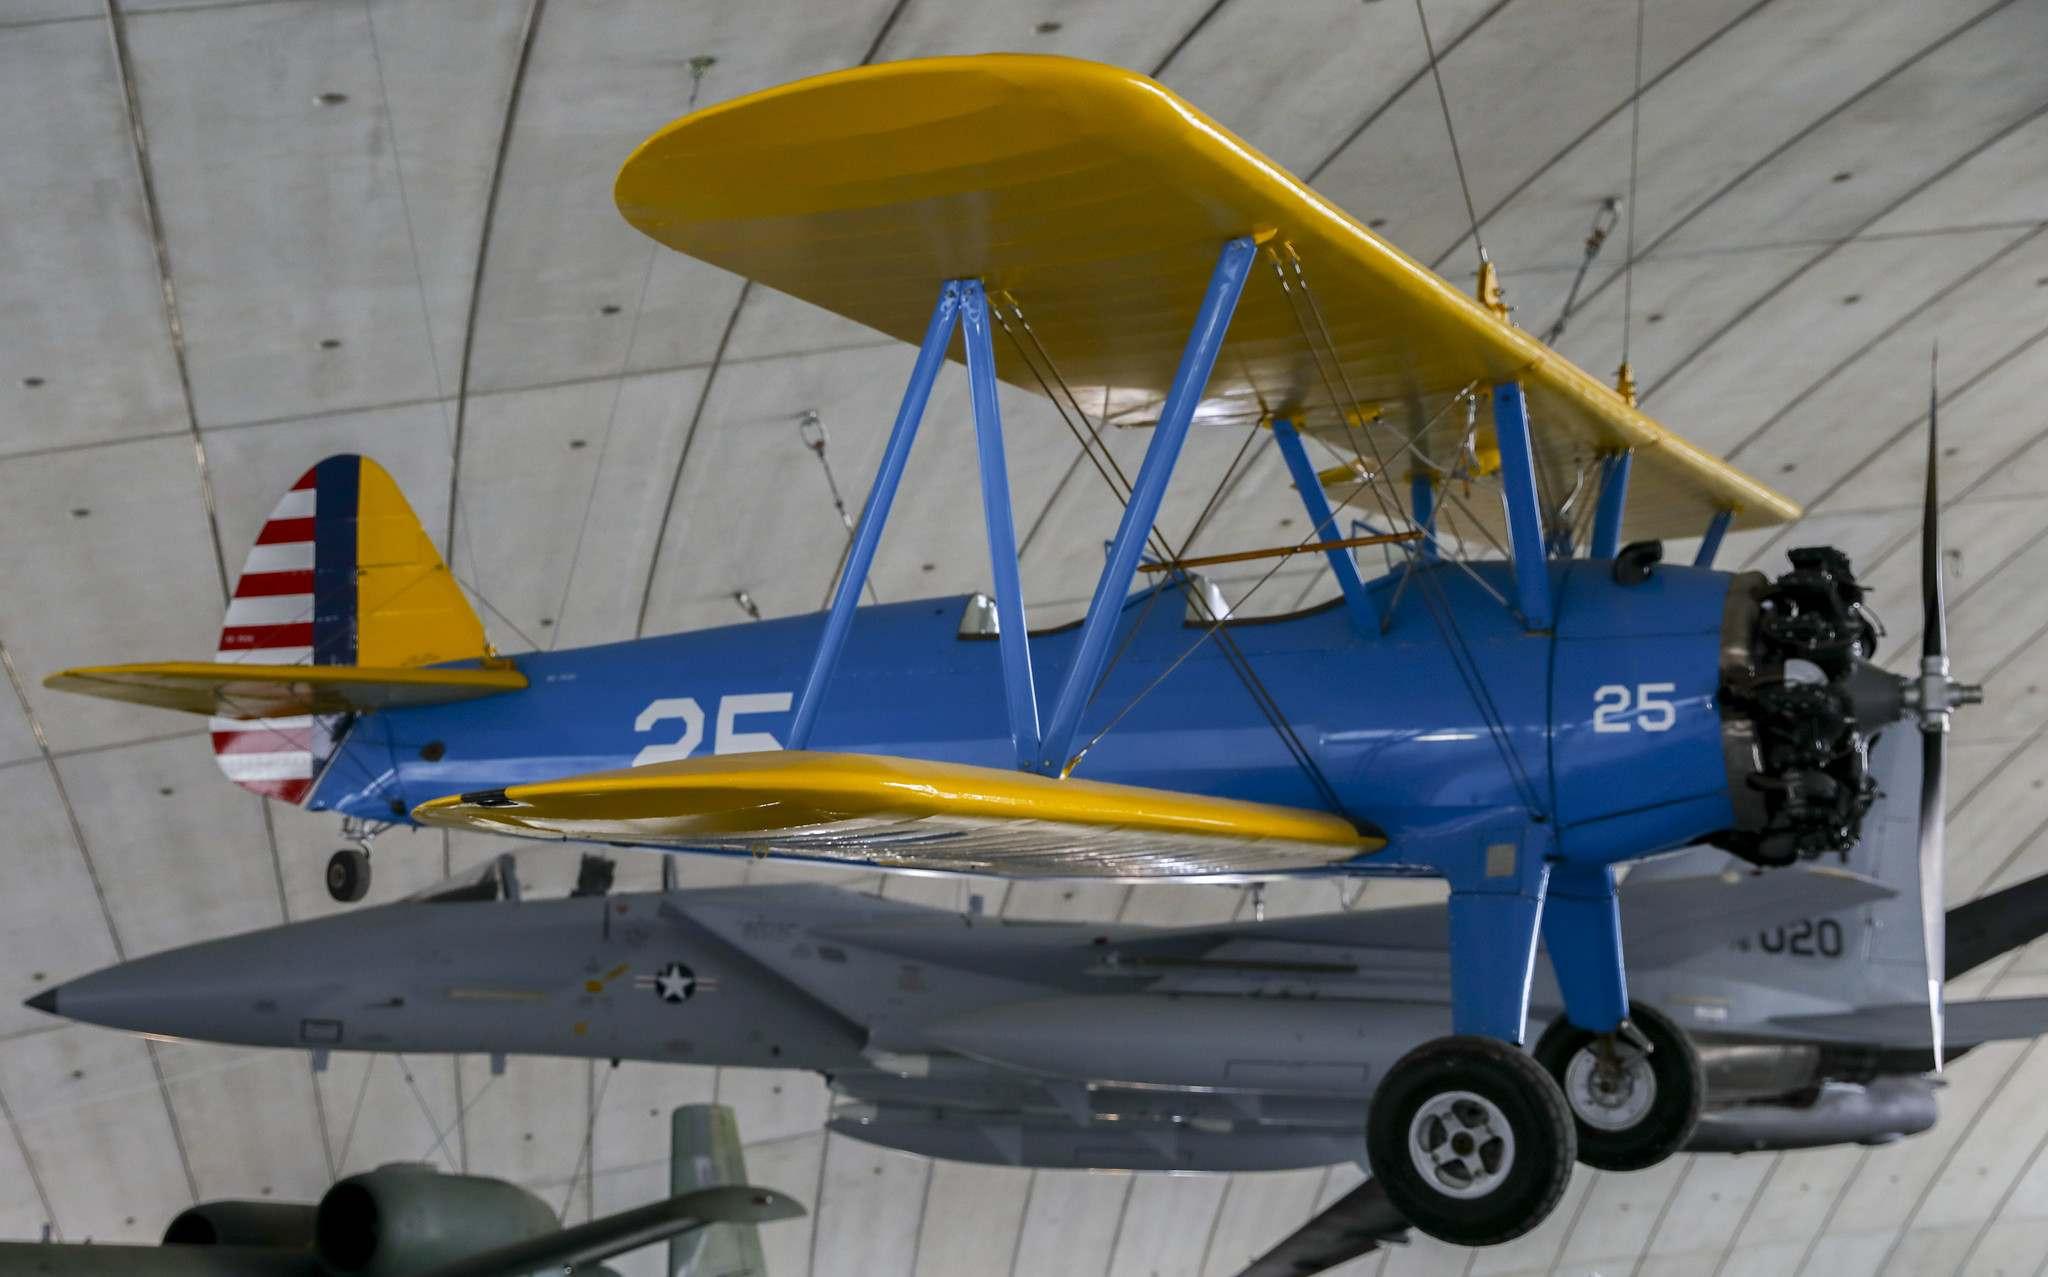 duxford air museum12 Imperial War Museum Duxford in Cambridge, England